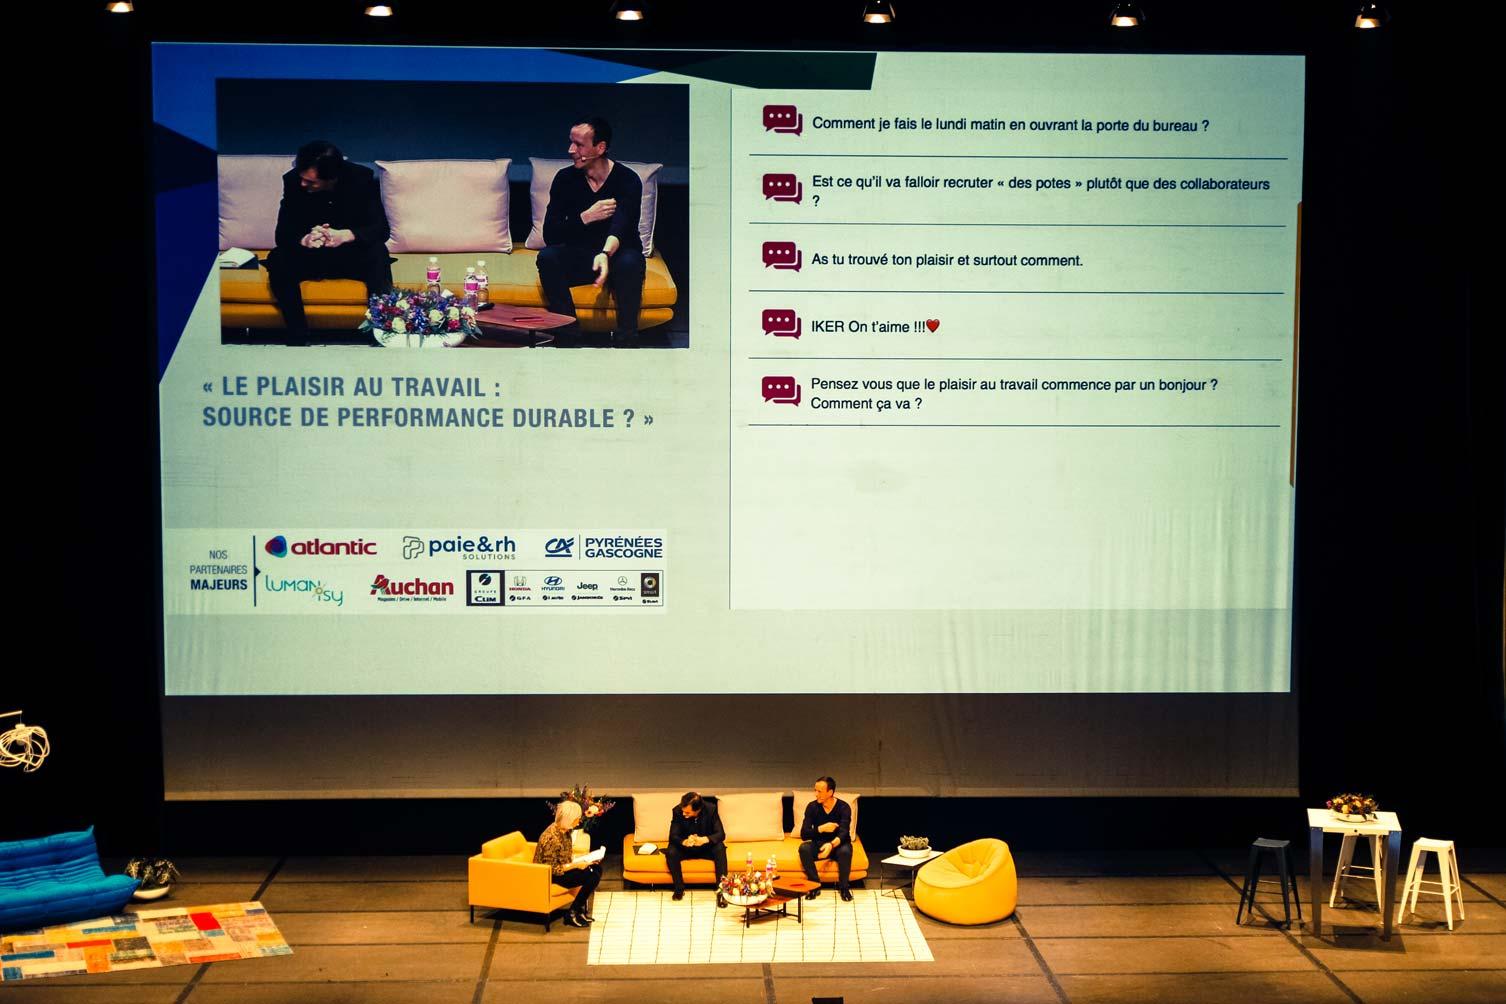 """Annie Lemoine, Iker Aguirre et Raphaël Enthoven : débat et échanges lors de la Premium CJD Pau Béarn. Clin d'oeil du public : """"Iker, on t'aime !"""" :-)"""